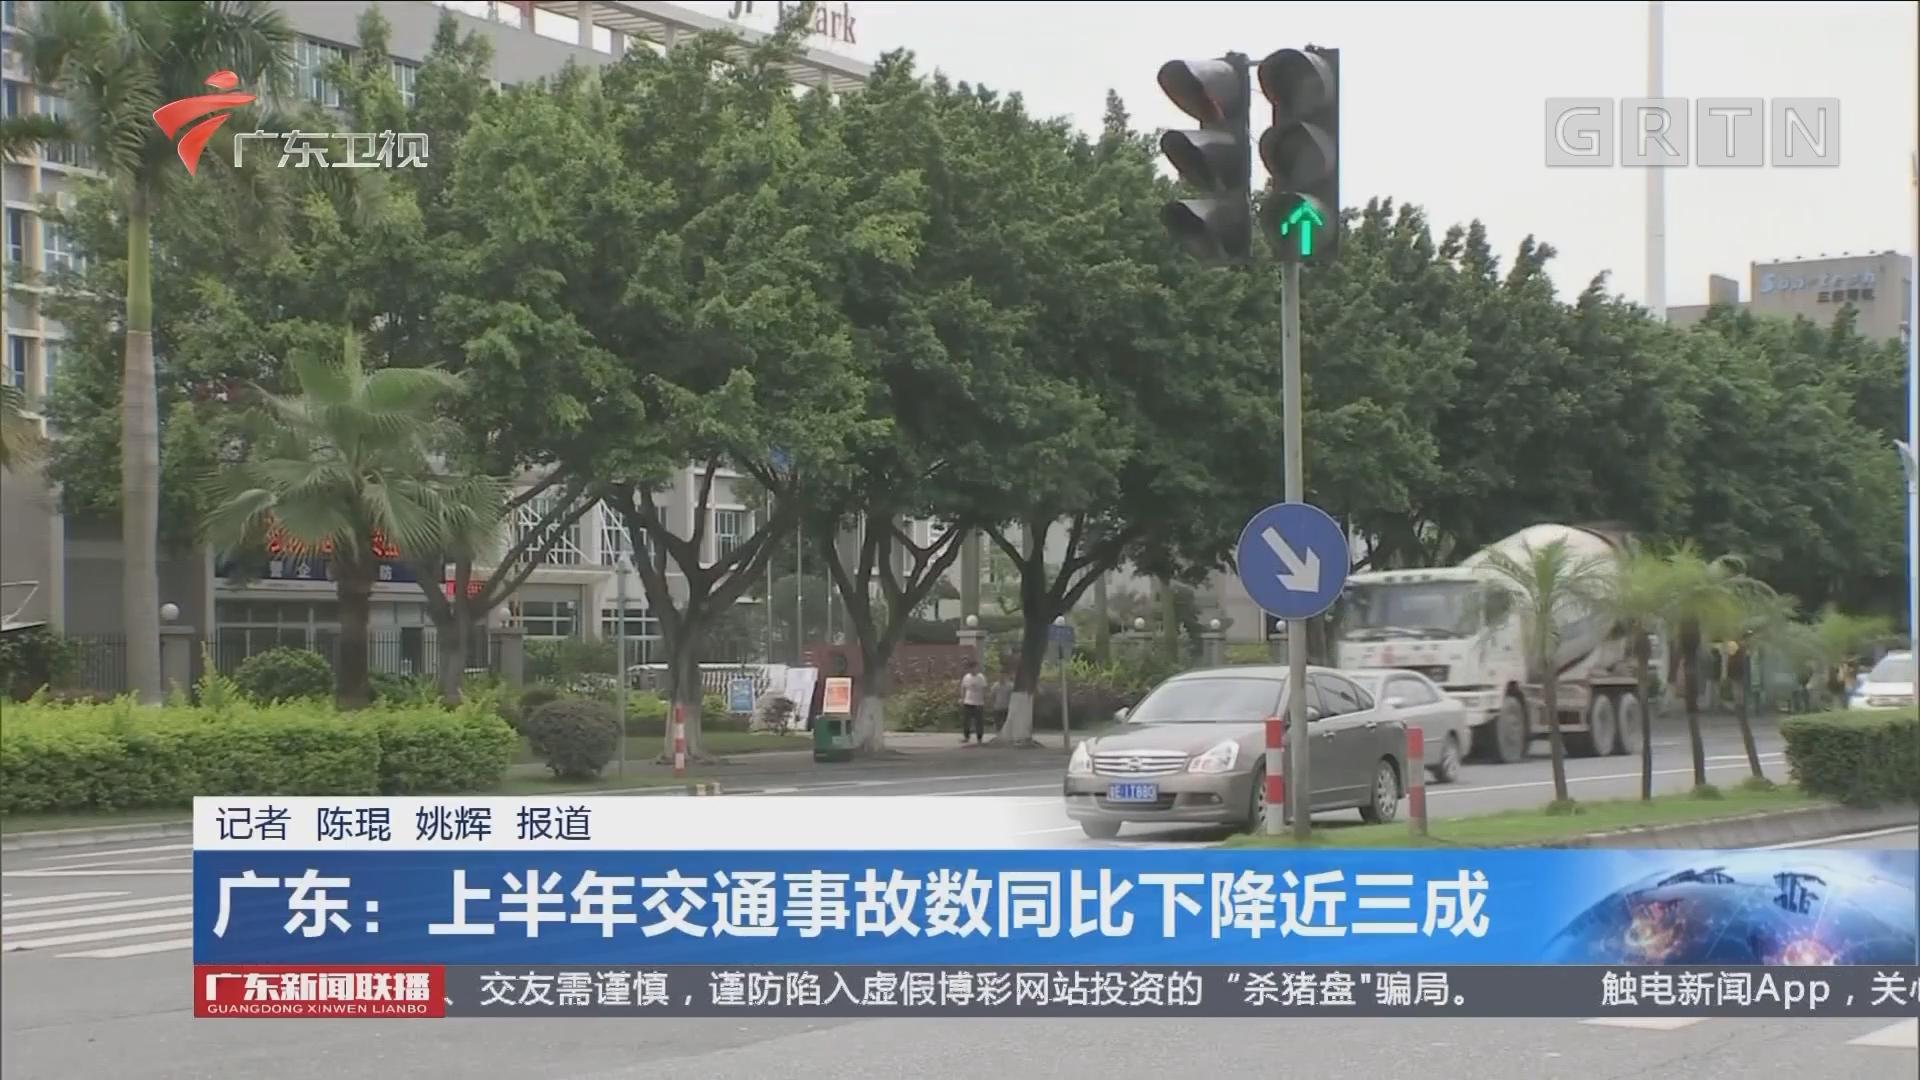 广东:上半年交通事故数同比下降近三成